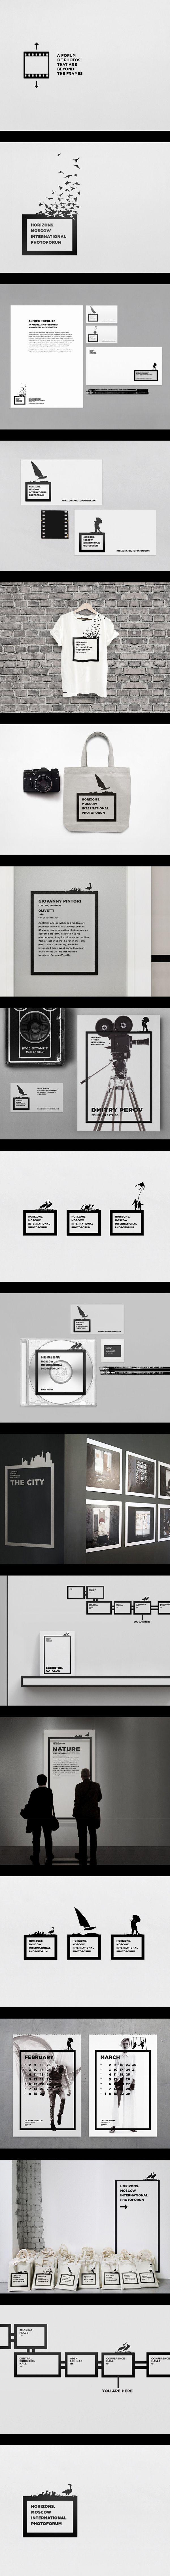 """""""El foco de las imagenes esta detras de los marcos"""".Es la idea que se plantea este trabajo, y que claramente se ve a través del lenguaje y las composiciones que utiliza.Si bien el marco negro se repite en todas las piezas,la riqueza del trabajo se encuentra en la variedad de figuras que se desprenden de el y las imagenes que se colocan por detras.Un Sistema atractivo y pertinente a la tematica de la fotografia."""